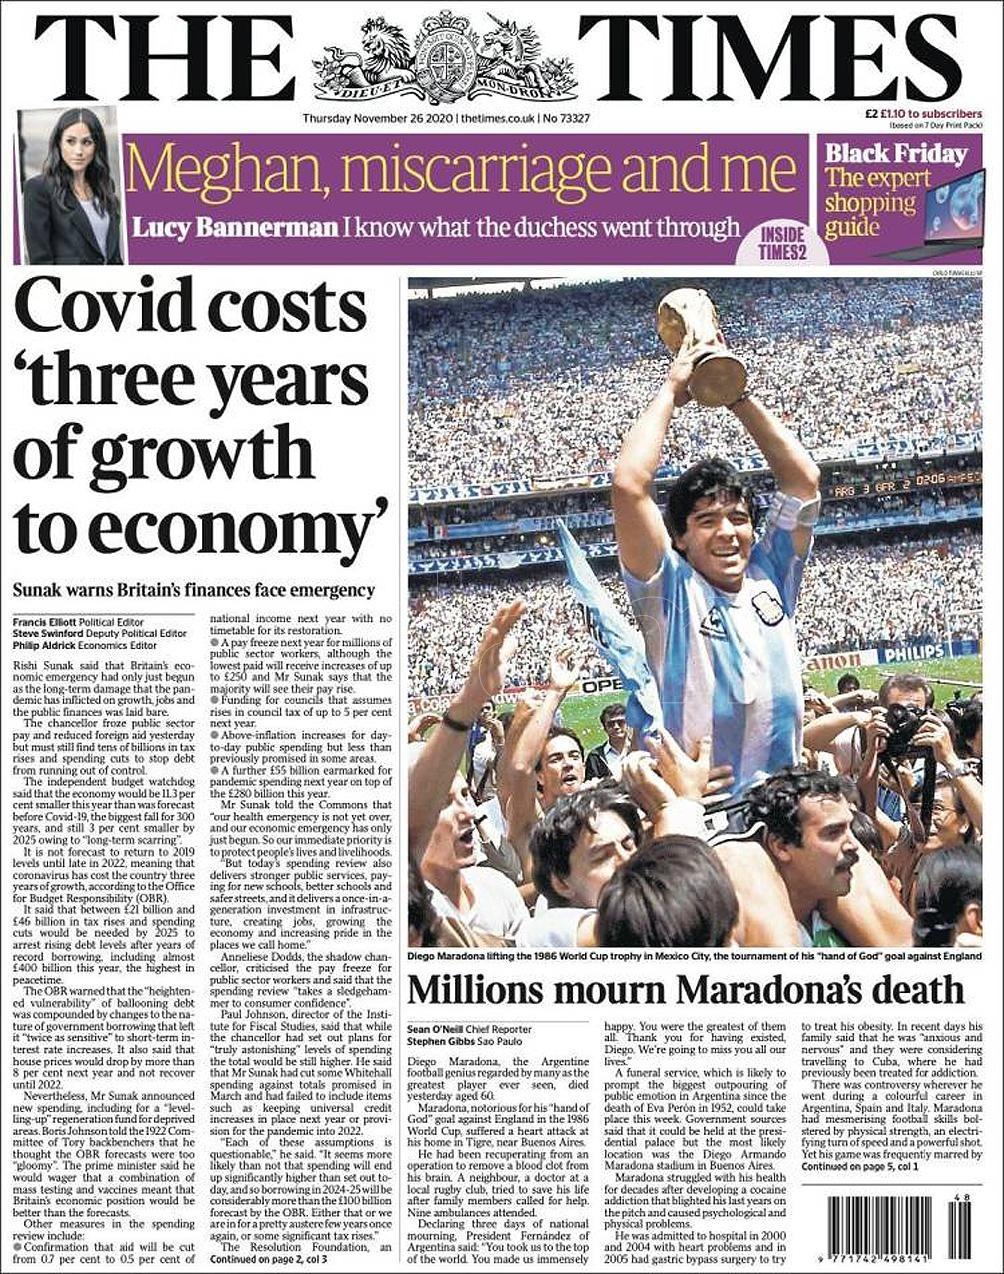 El impacto de la muerte de Maradona, reflejado en los titulares del mundo.